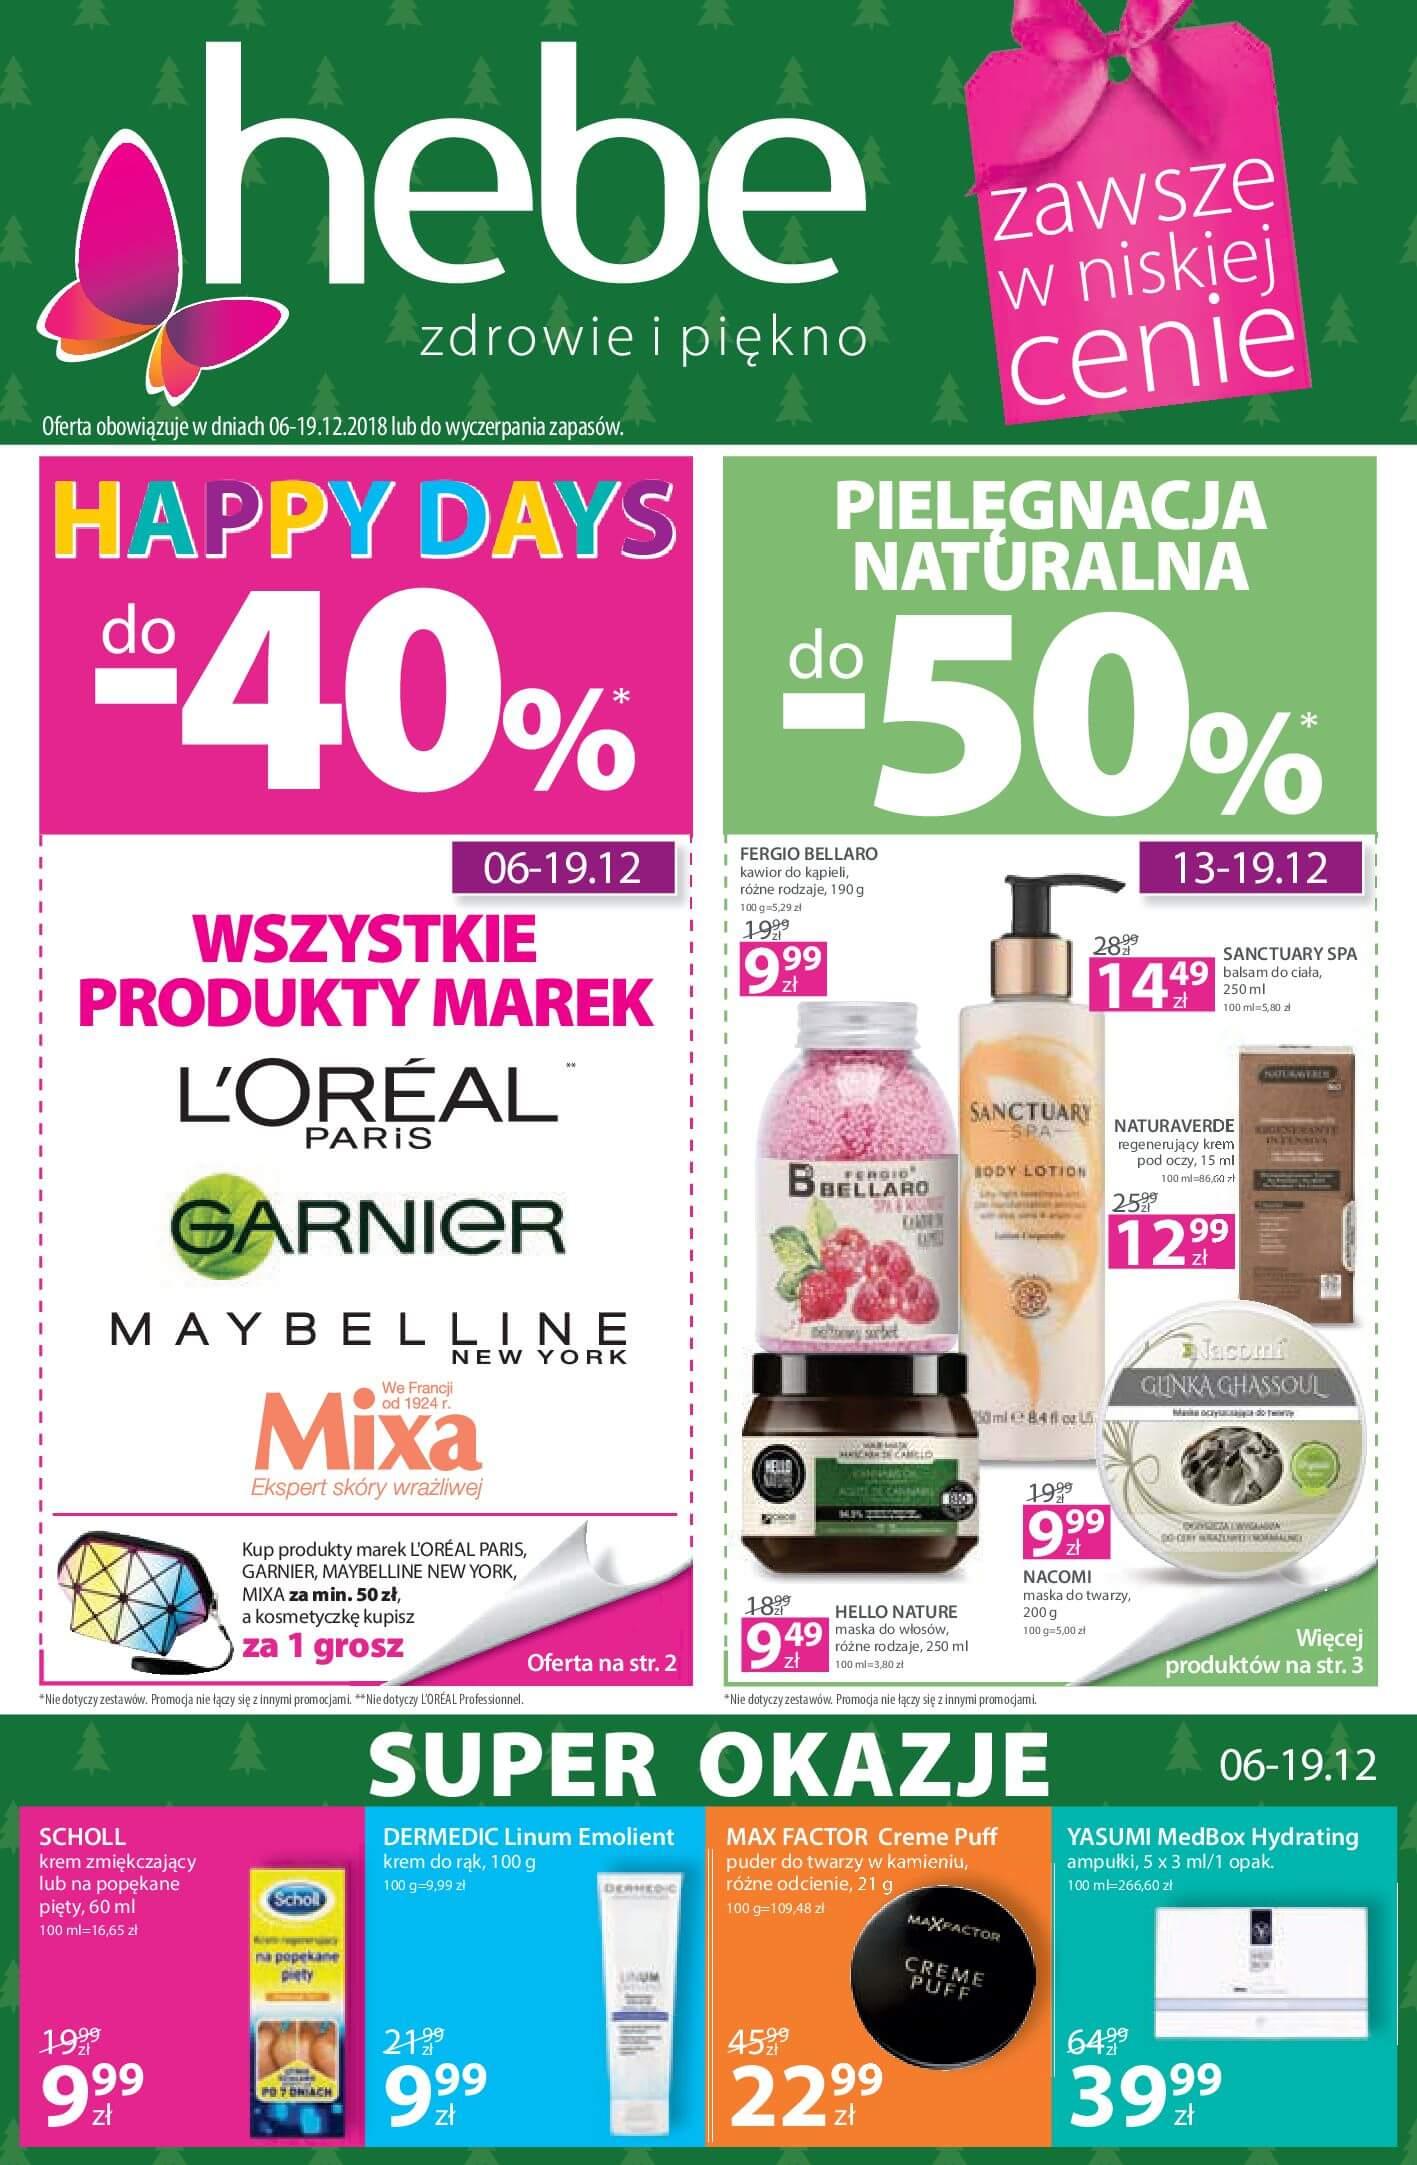 Gazetka hebe - Oferta na artykuły kosmetyczne-05.12.2018-19.12.2018-page-